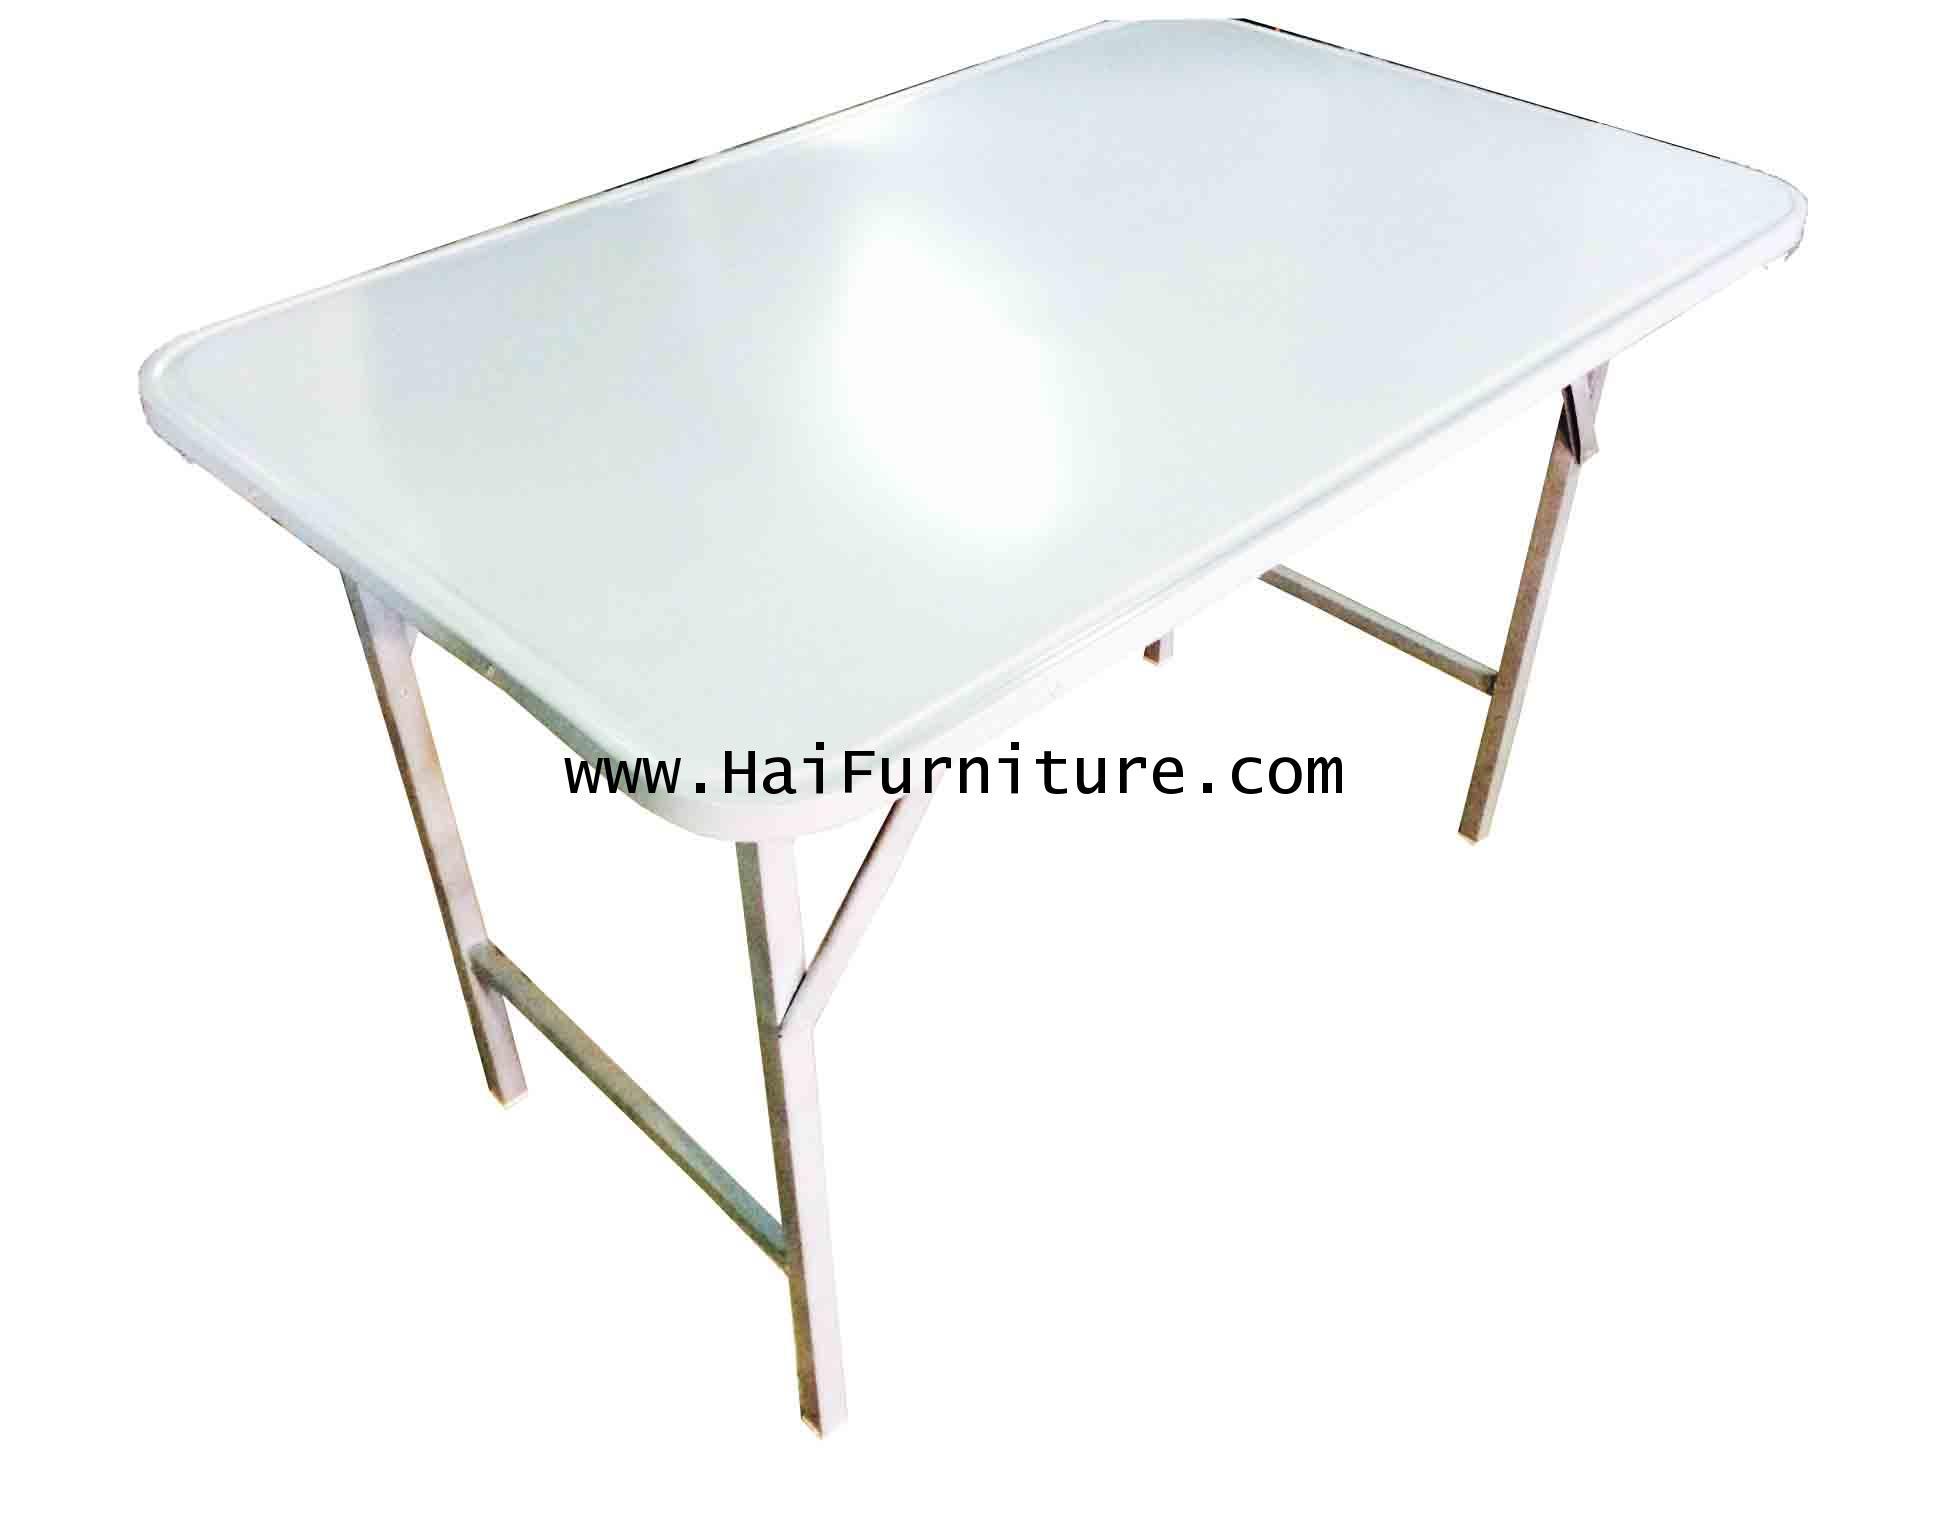 โต๊ะพับหน้าเหล็ก ขาสวิง 4 ฟุต